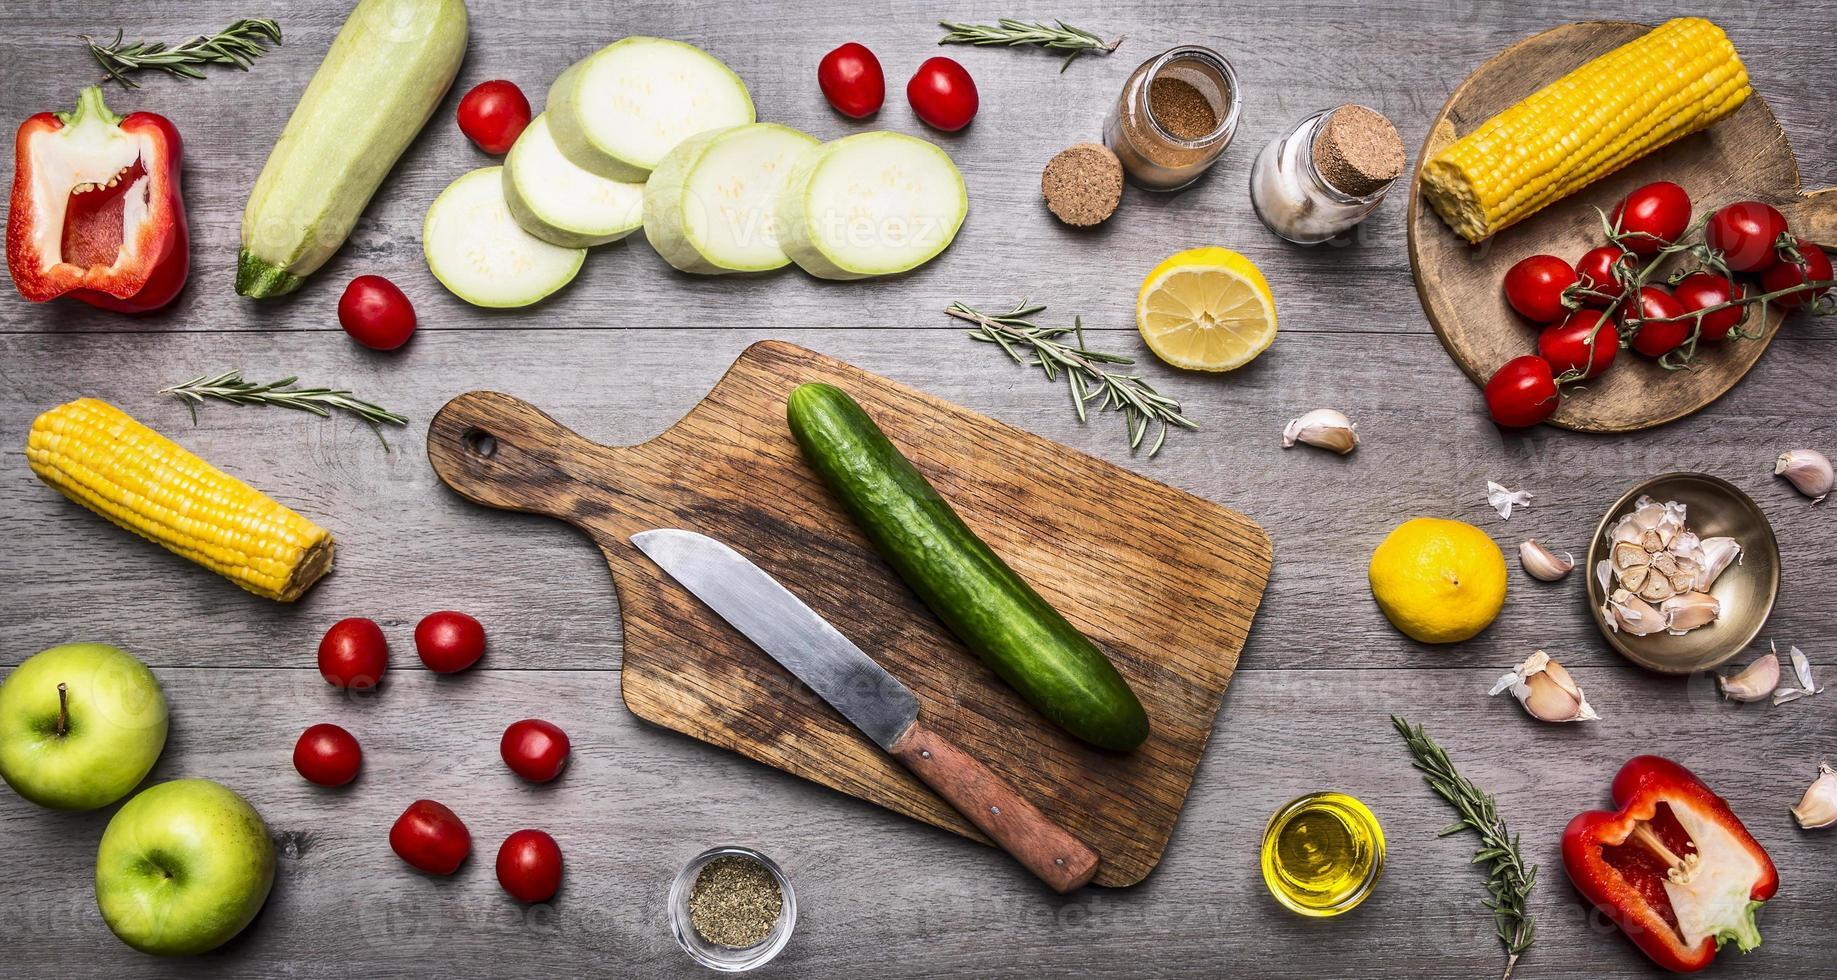 tagliere, cibi sani, cucina e concetto vegetariano. foto